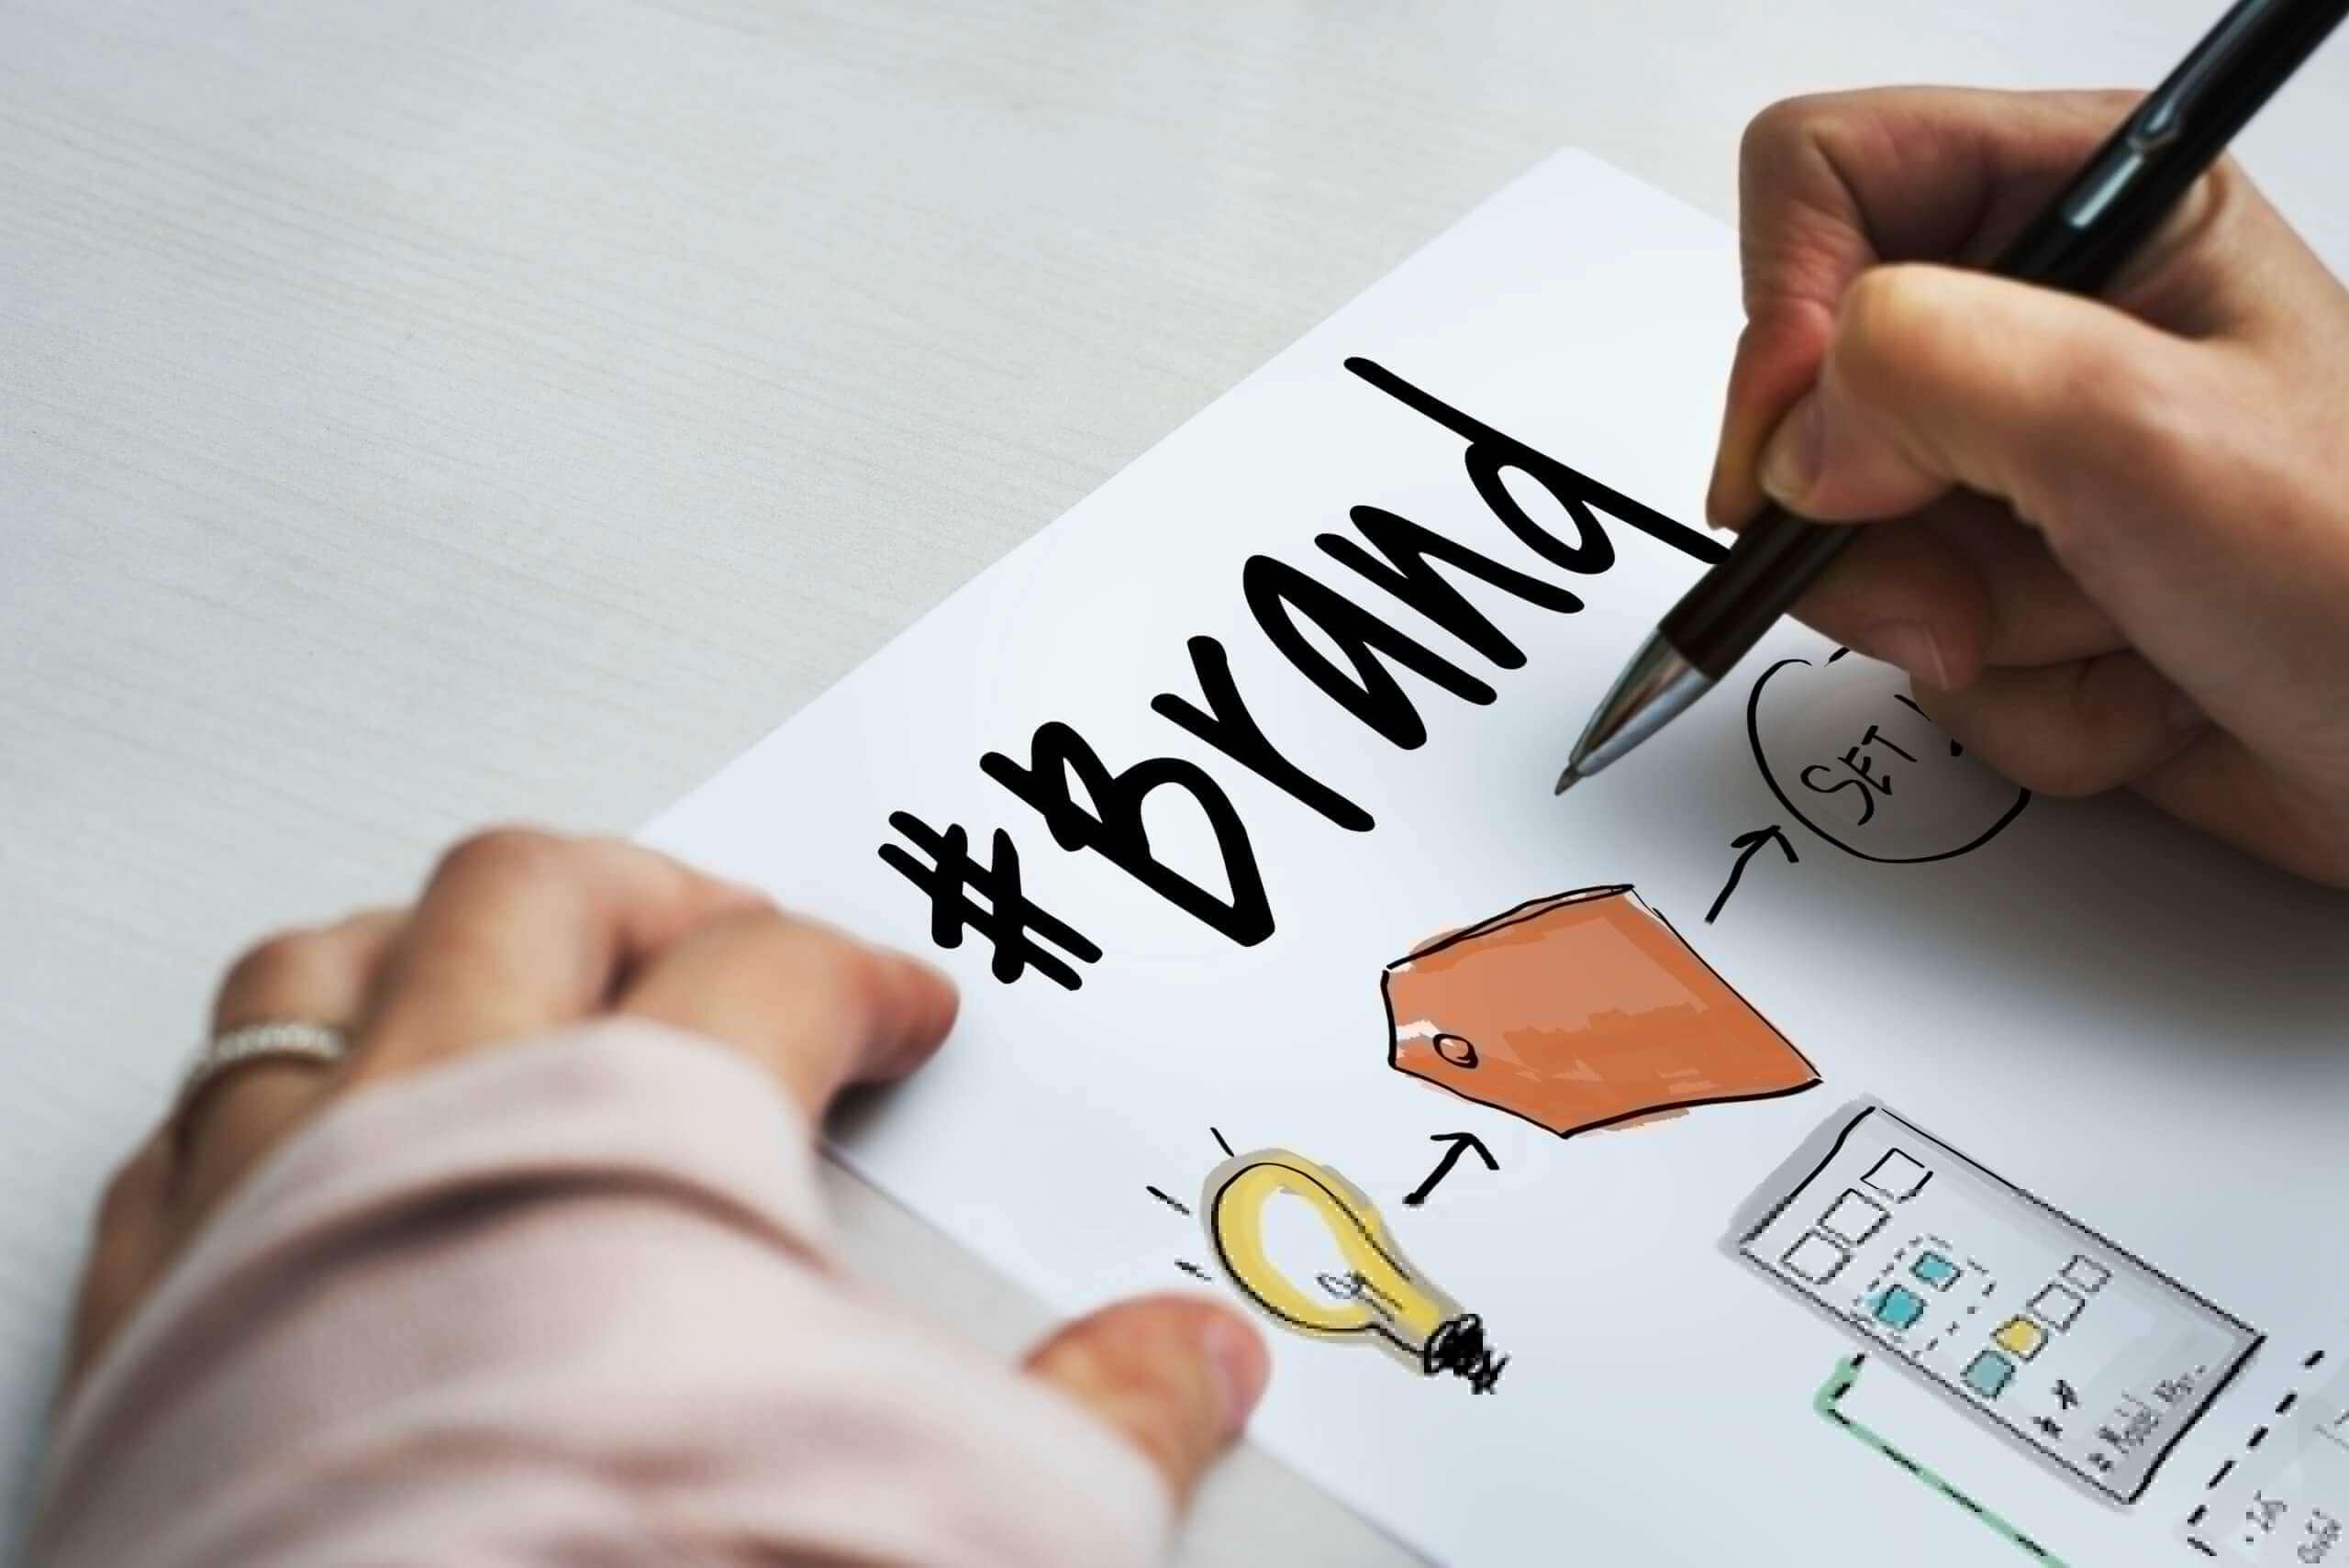 #Brand written in paper